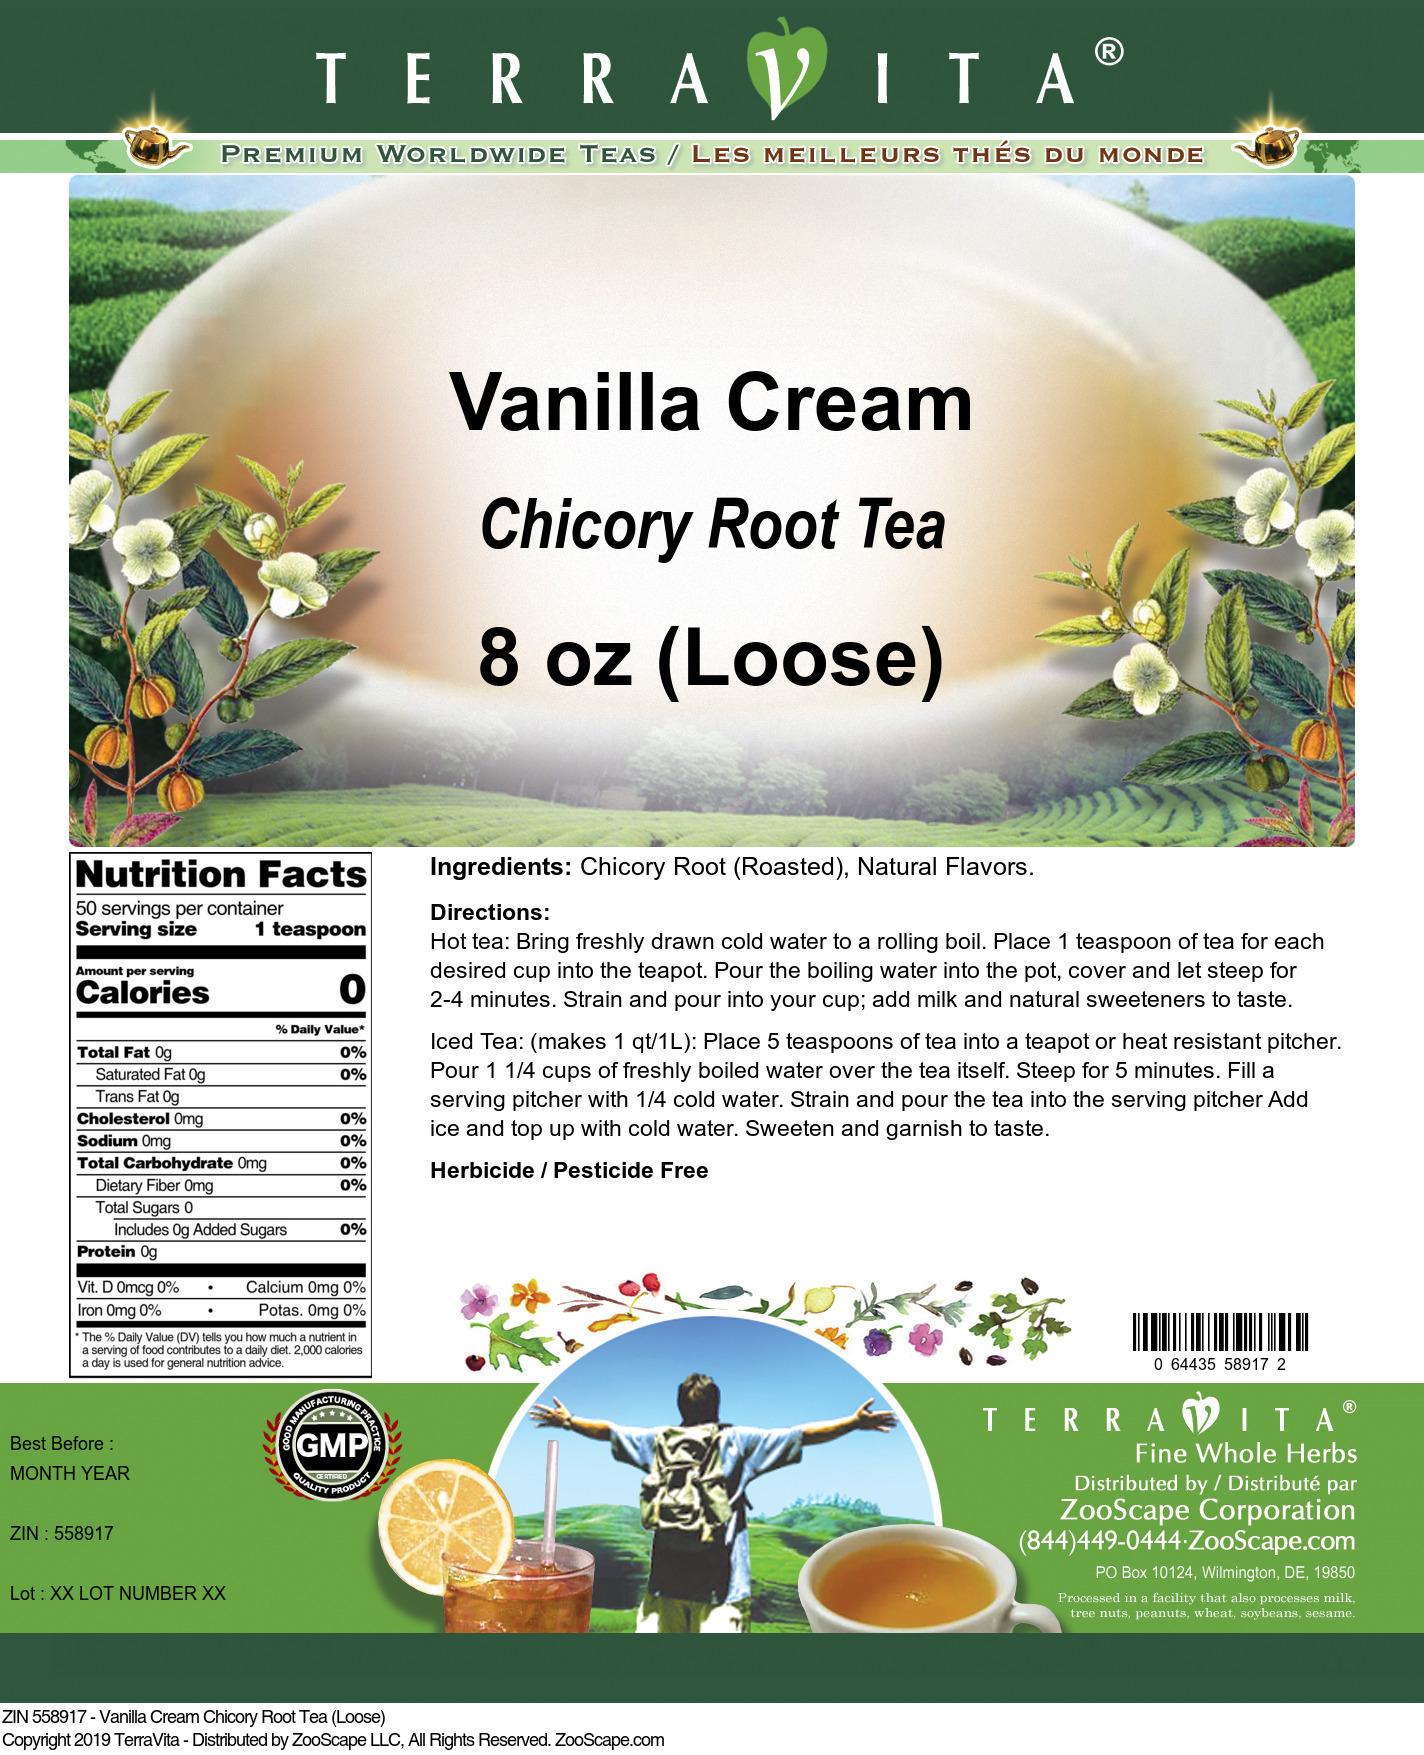 Vanilla Cream Chicory Root